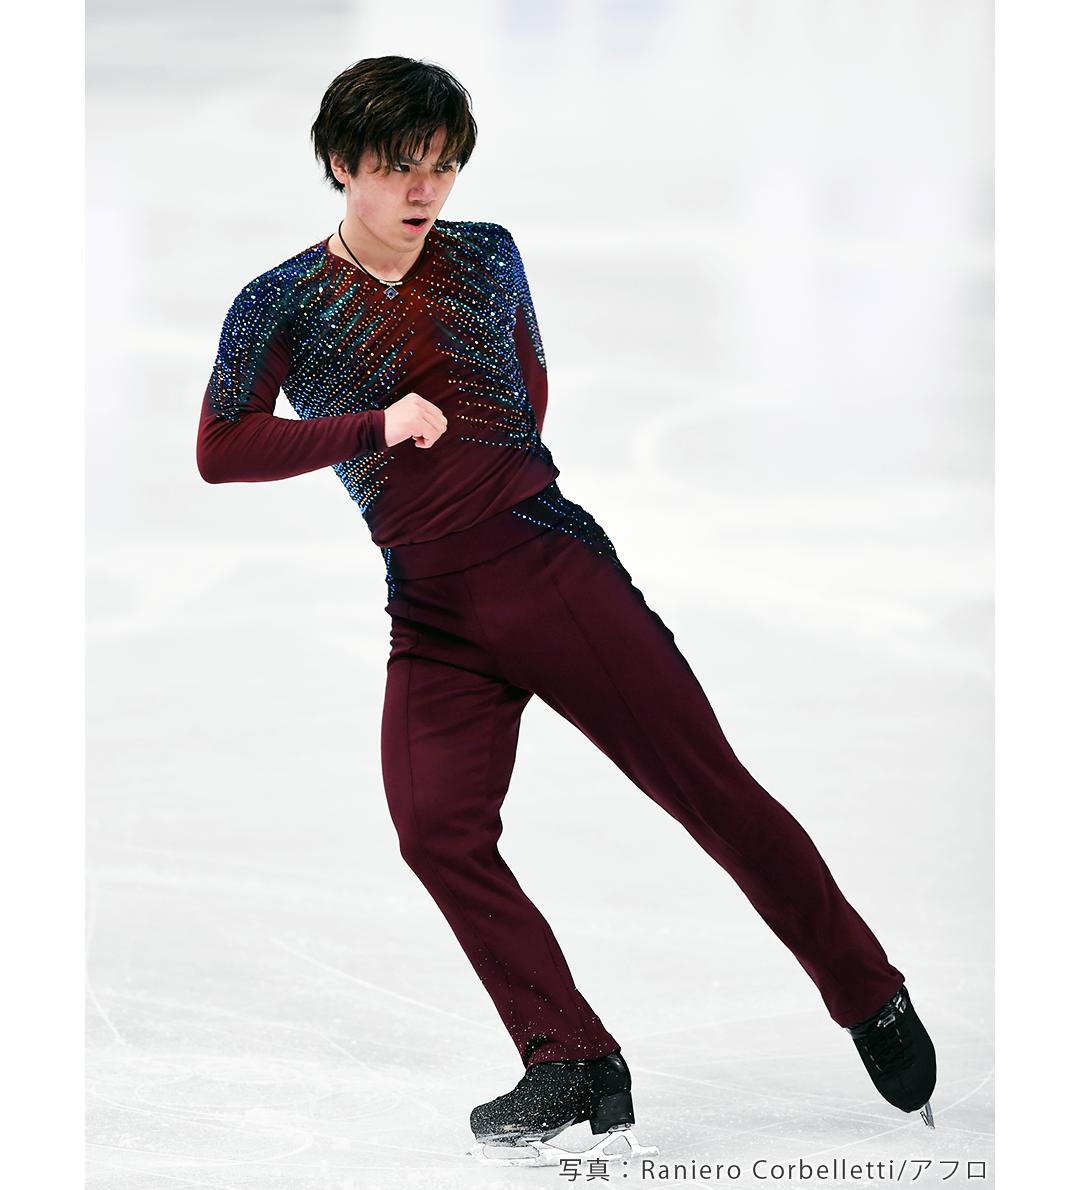 国別対抗戦2021に出場するフィギュアスケート男子、宇野昌磨